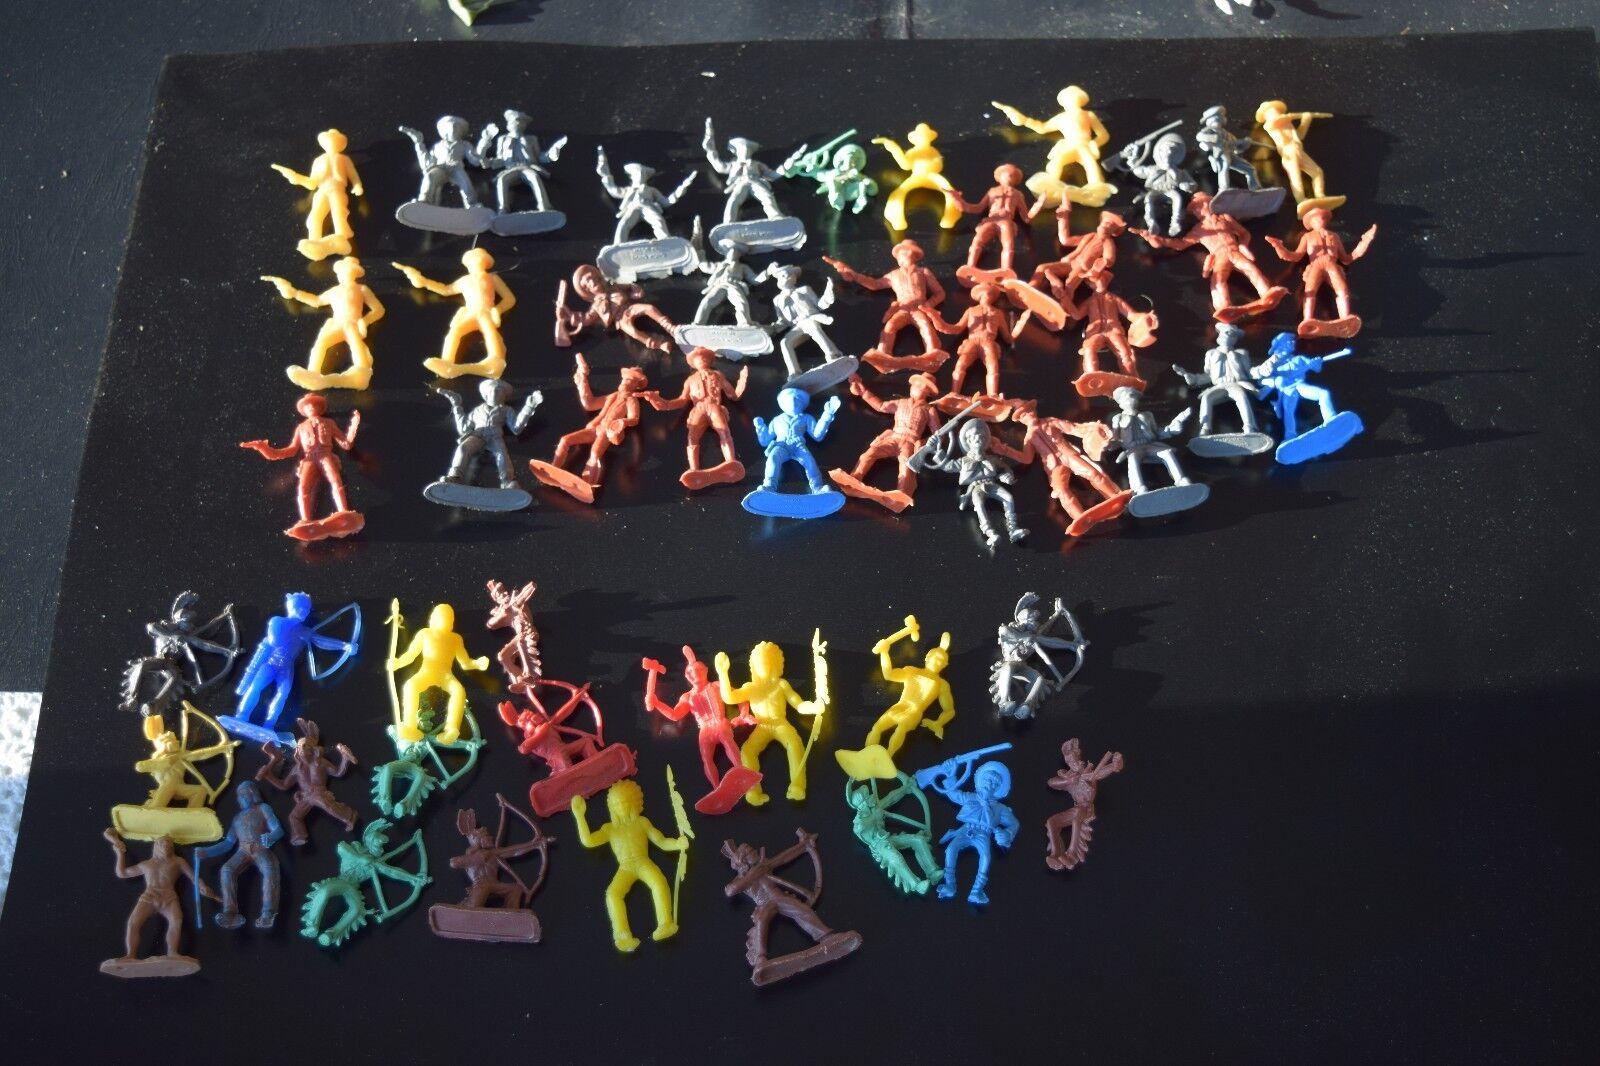 195 jahrgang 1960 plastikfigur viele indianer cowboys, tiere, die armee männer + space